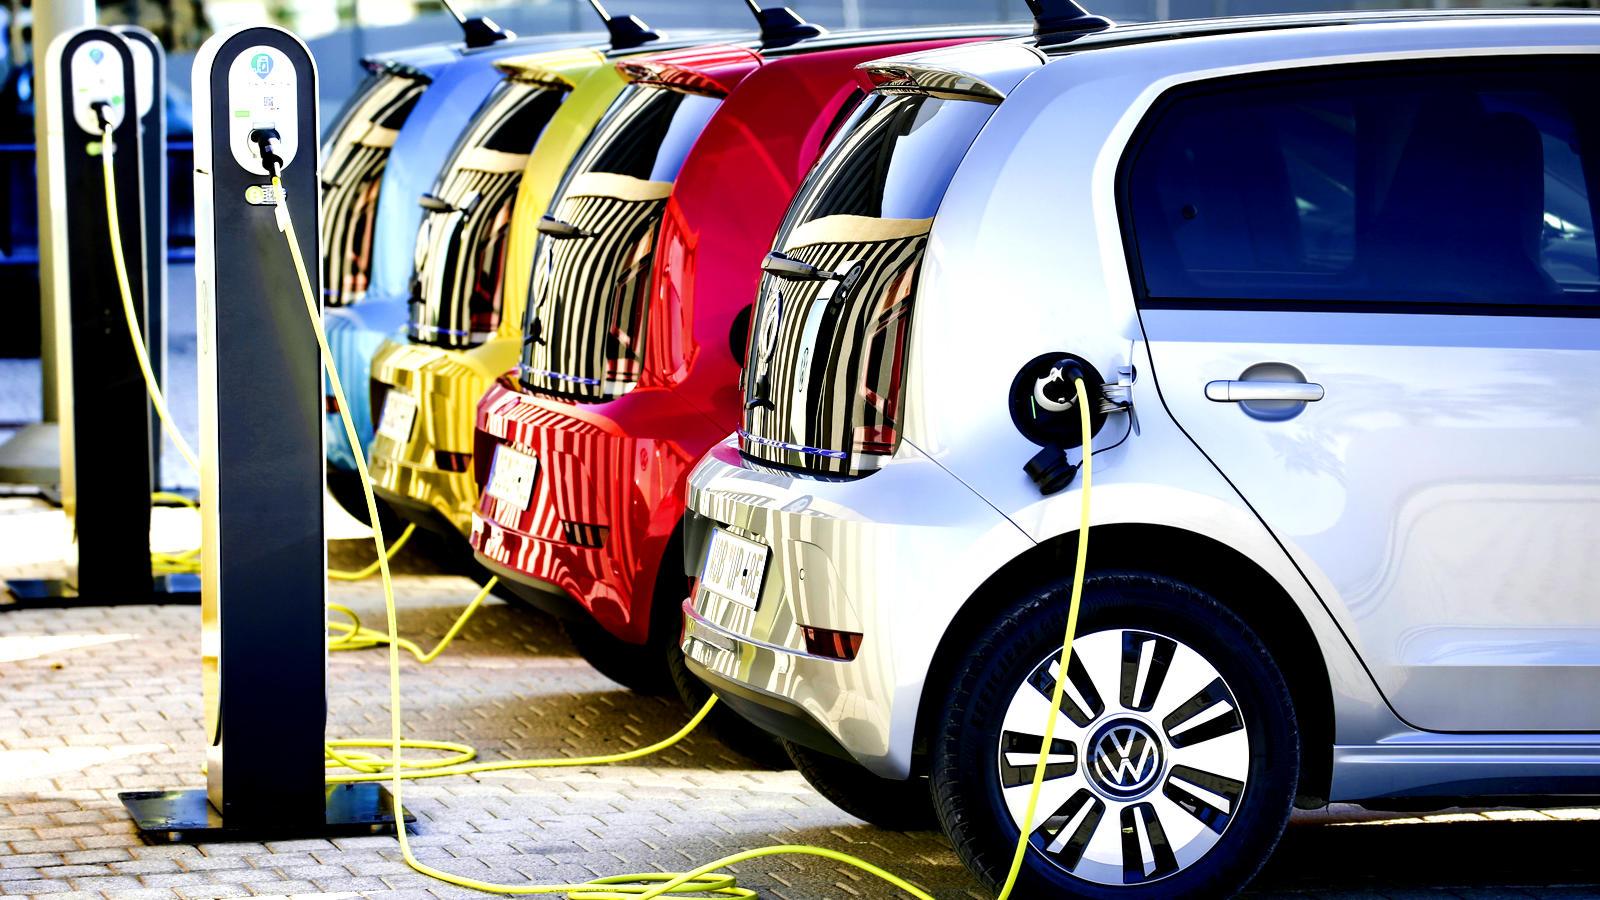 Private Lease Aankoopsubsidie Doorbraak Elektrische Auto Column Door Robin Lammers E Drivers Com Platform Voor Elektrisch Rijden